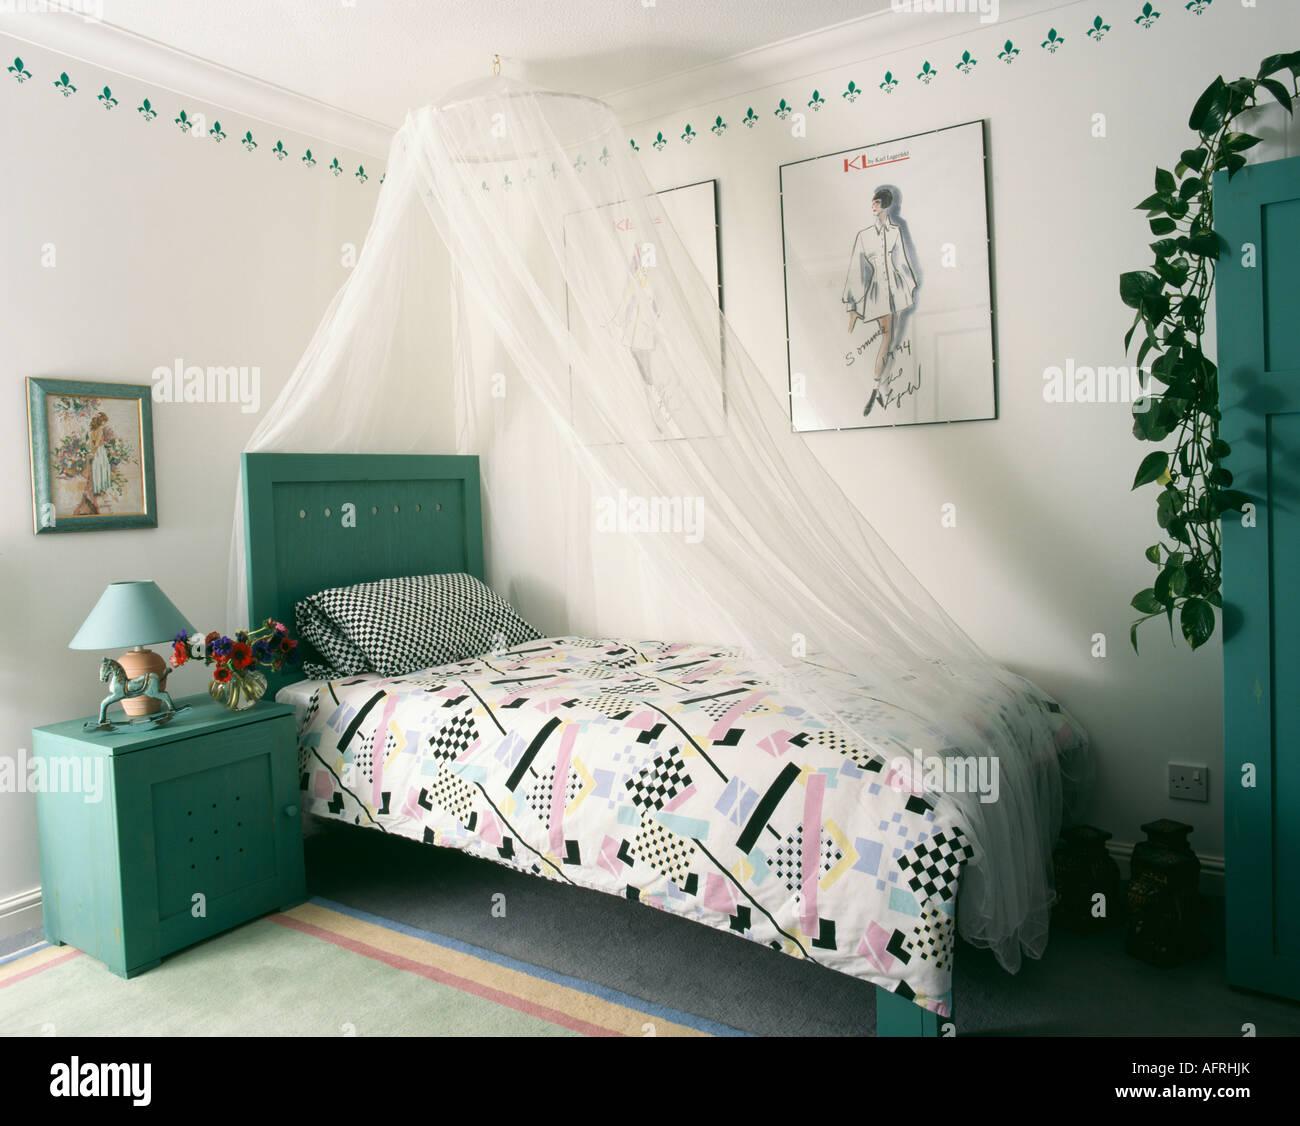 Türkis Nachttisch Schrank Und Kopfteil In Schlafzimmer Mit Abstrakten  Gemusterte Bettwäsche Und Weißem Moskitonetz über Dem Bett